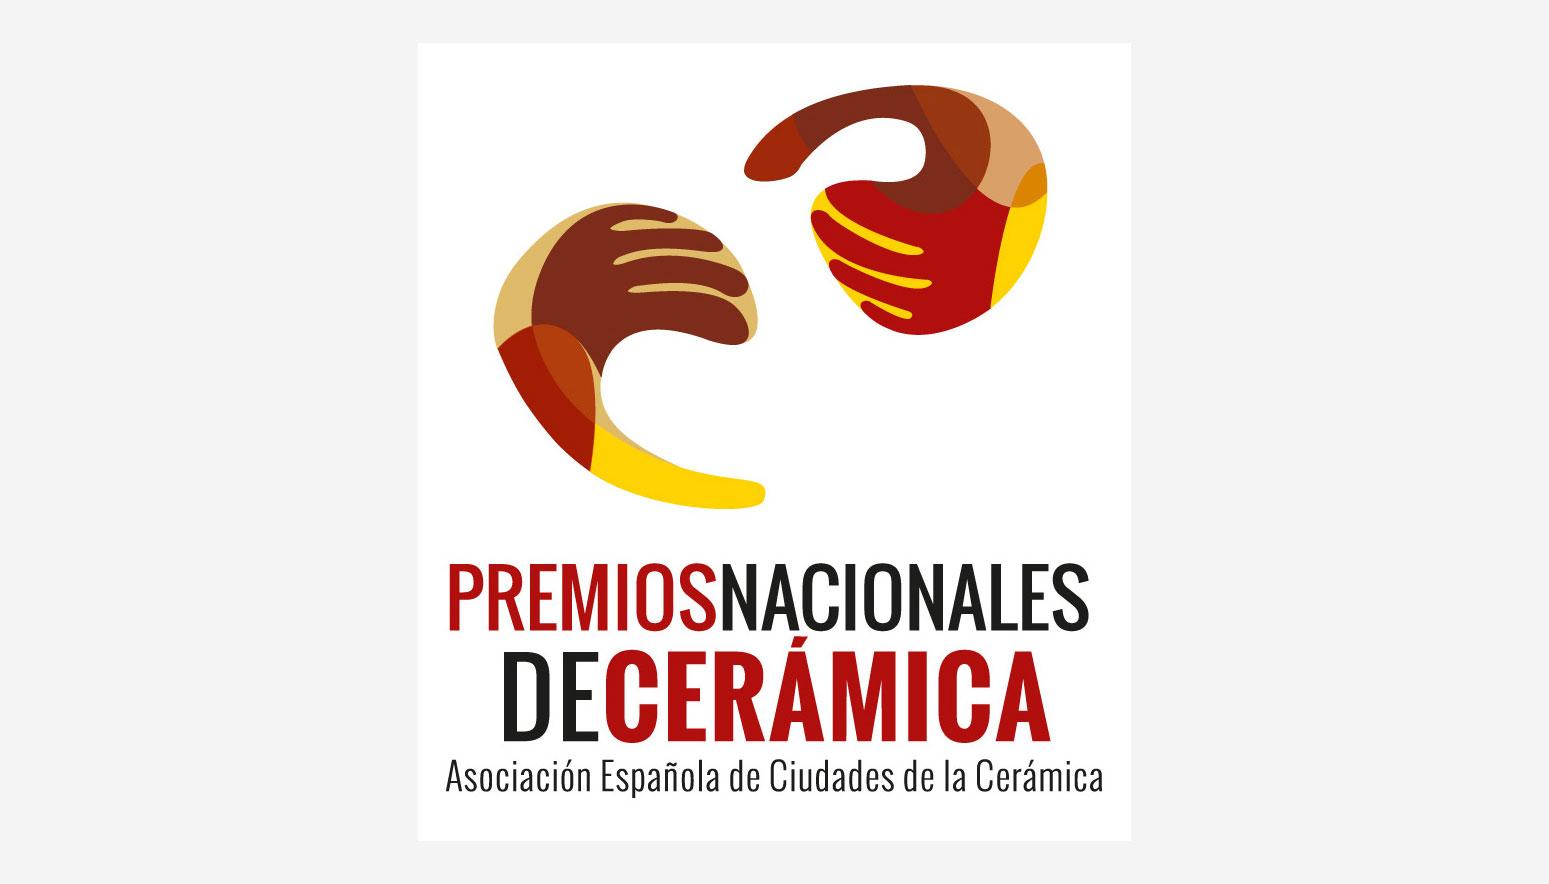 PRORROGADO EL PLAZO DE PRESENTACIÓN DE CANDIDATURAS DE LOS PREMIOS NACIONALES DE CERÁMICA HASTA EL 28 DE FEBRERO